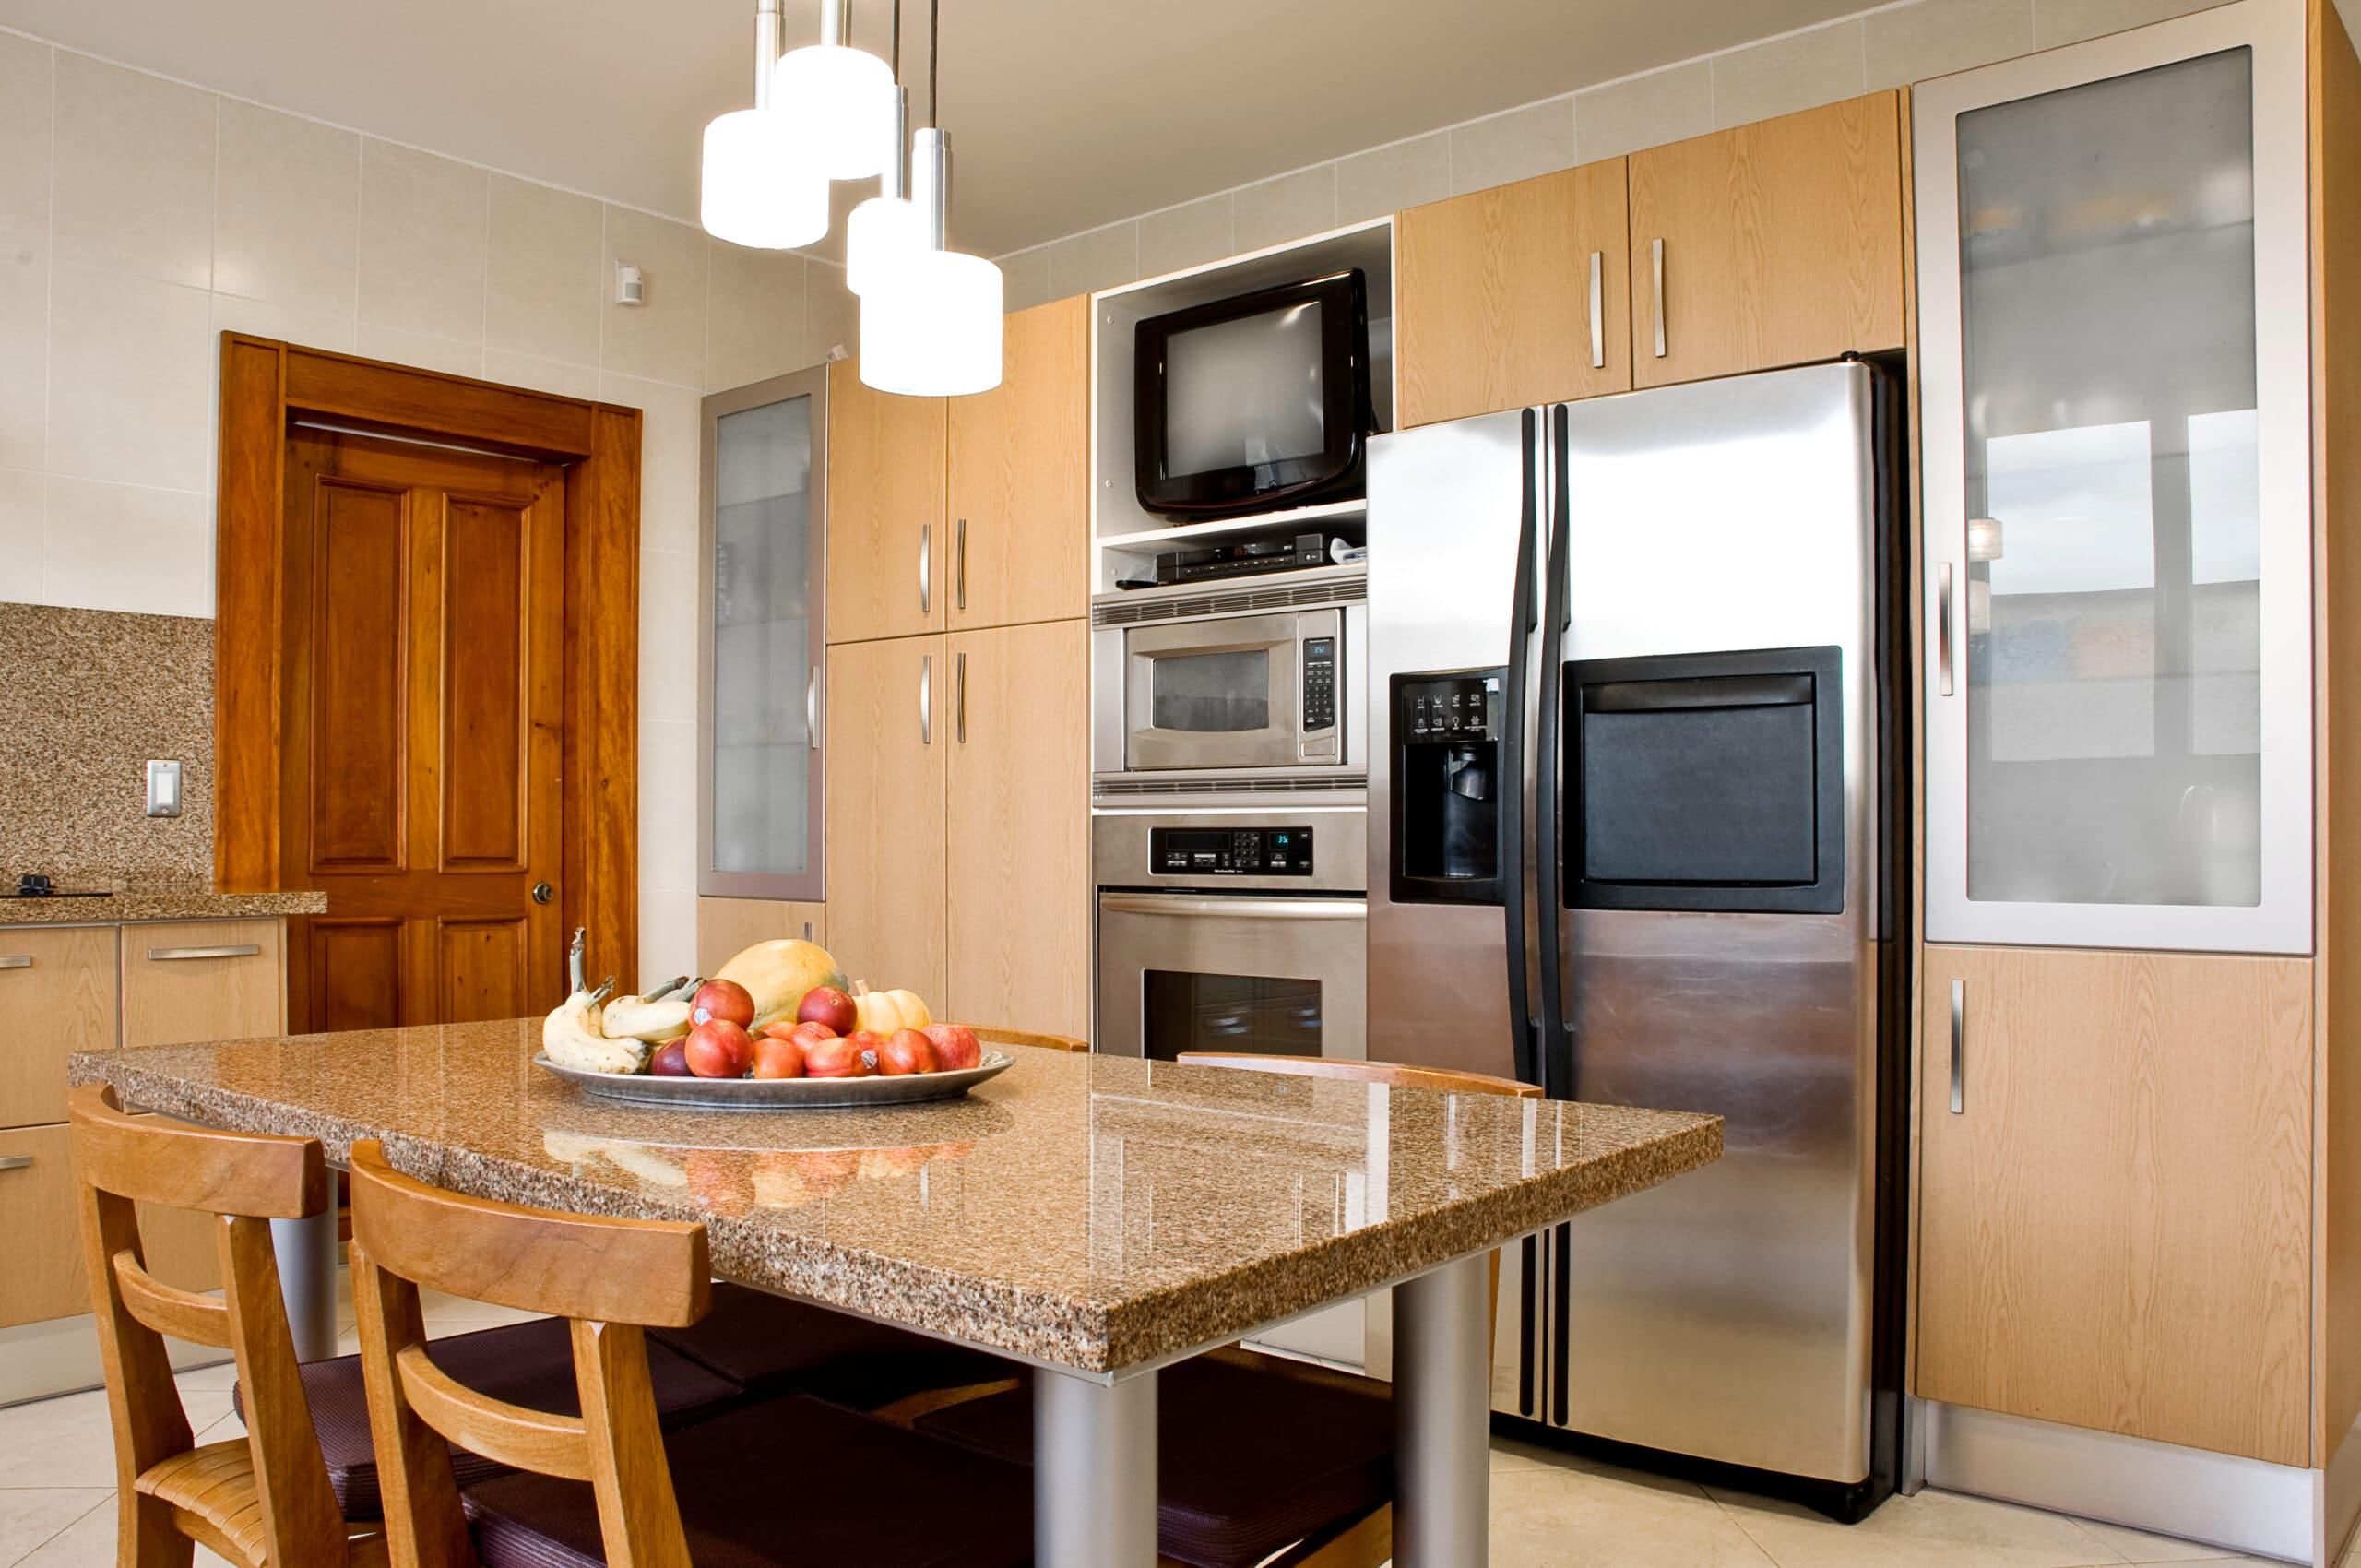 מטבח קלאסי עם שולחן מטבח משיש חום דגם 18 Diana